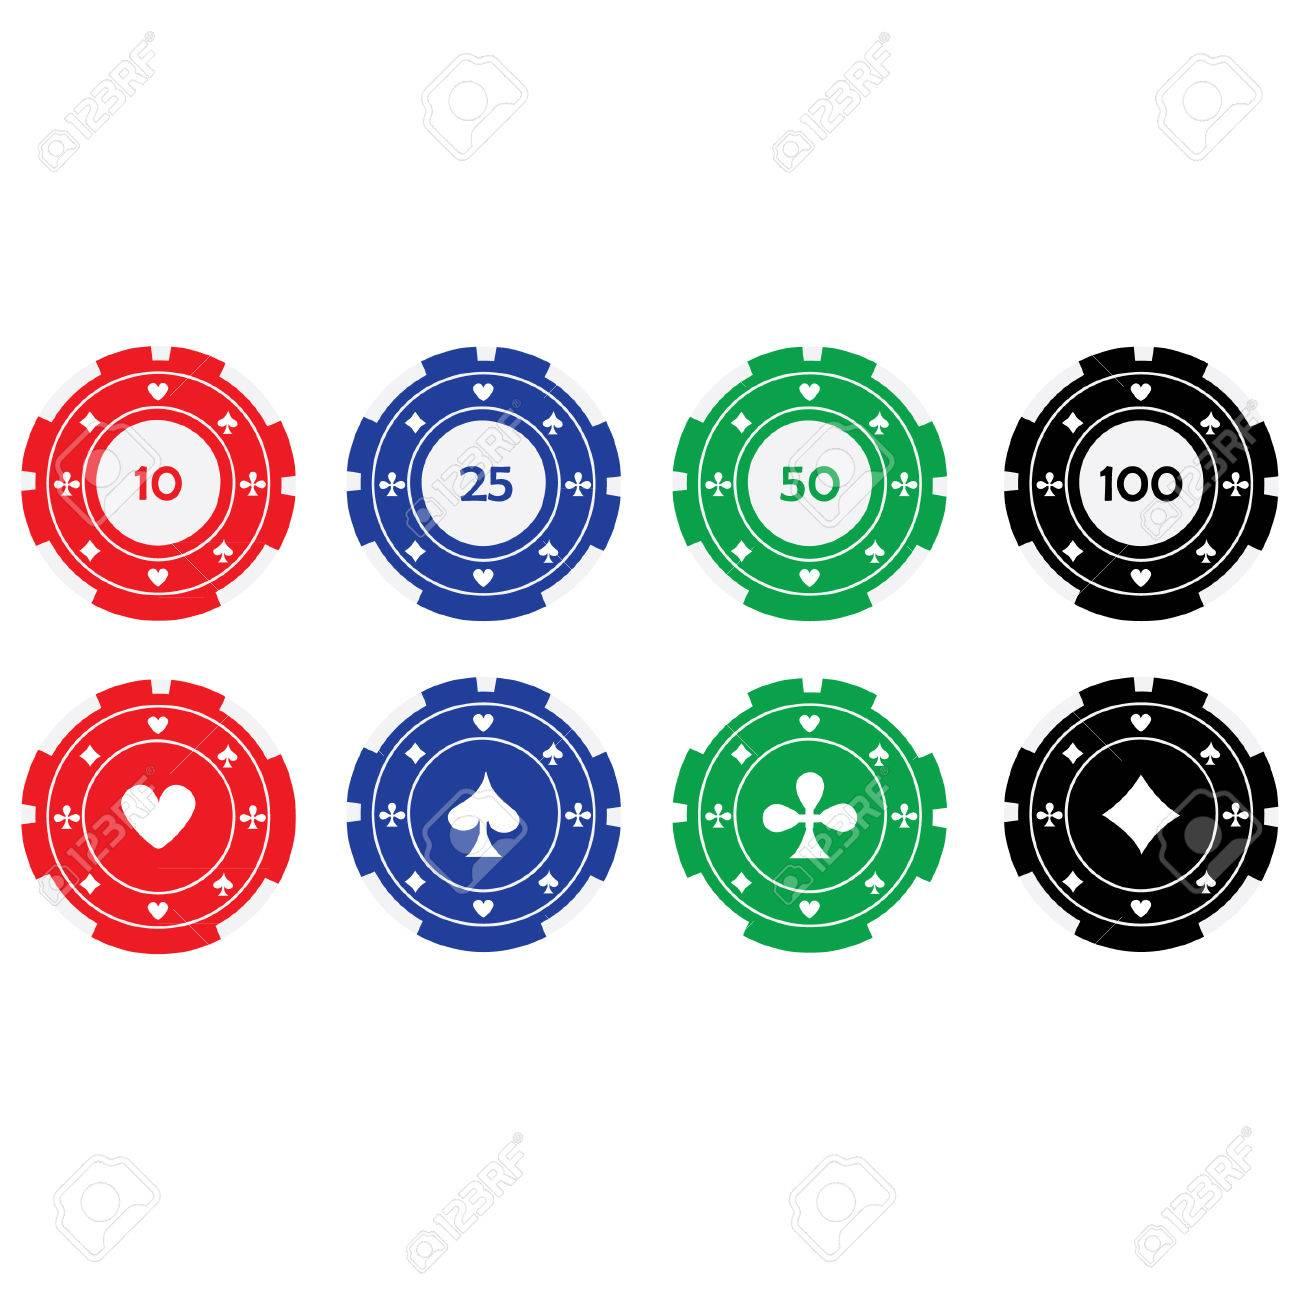 Vektor Illustration Der Verschiedenen Farben Casino Chips Rot Blau